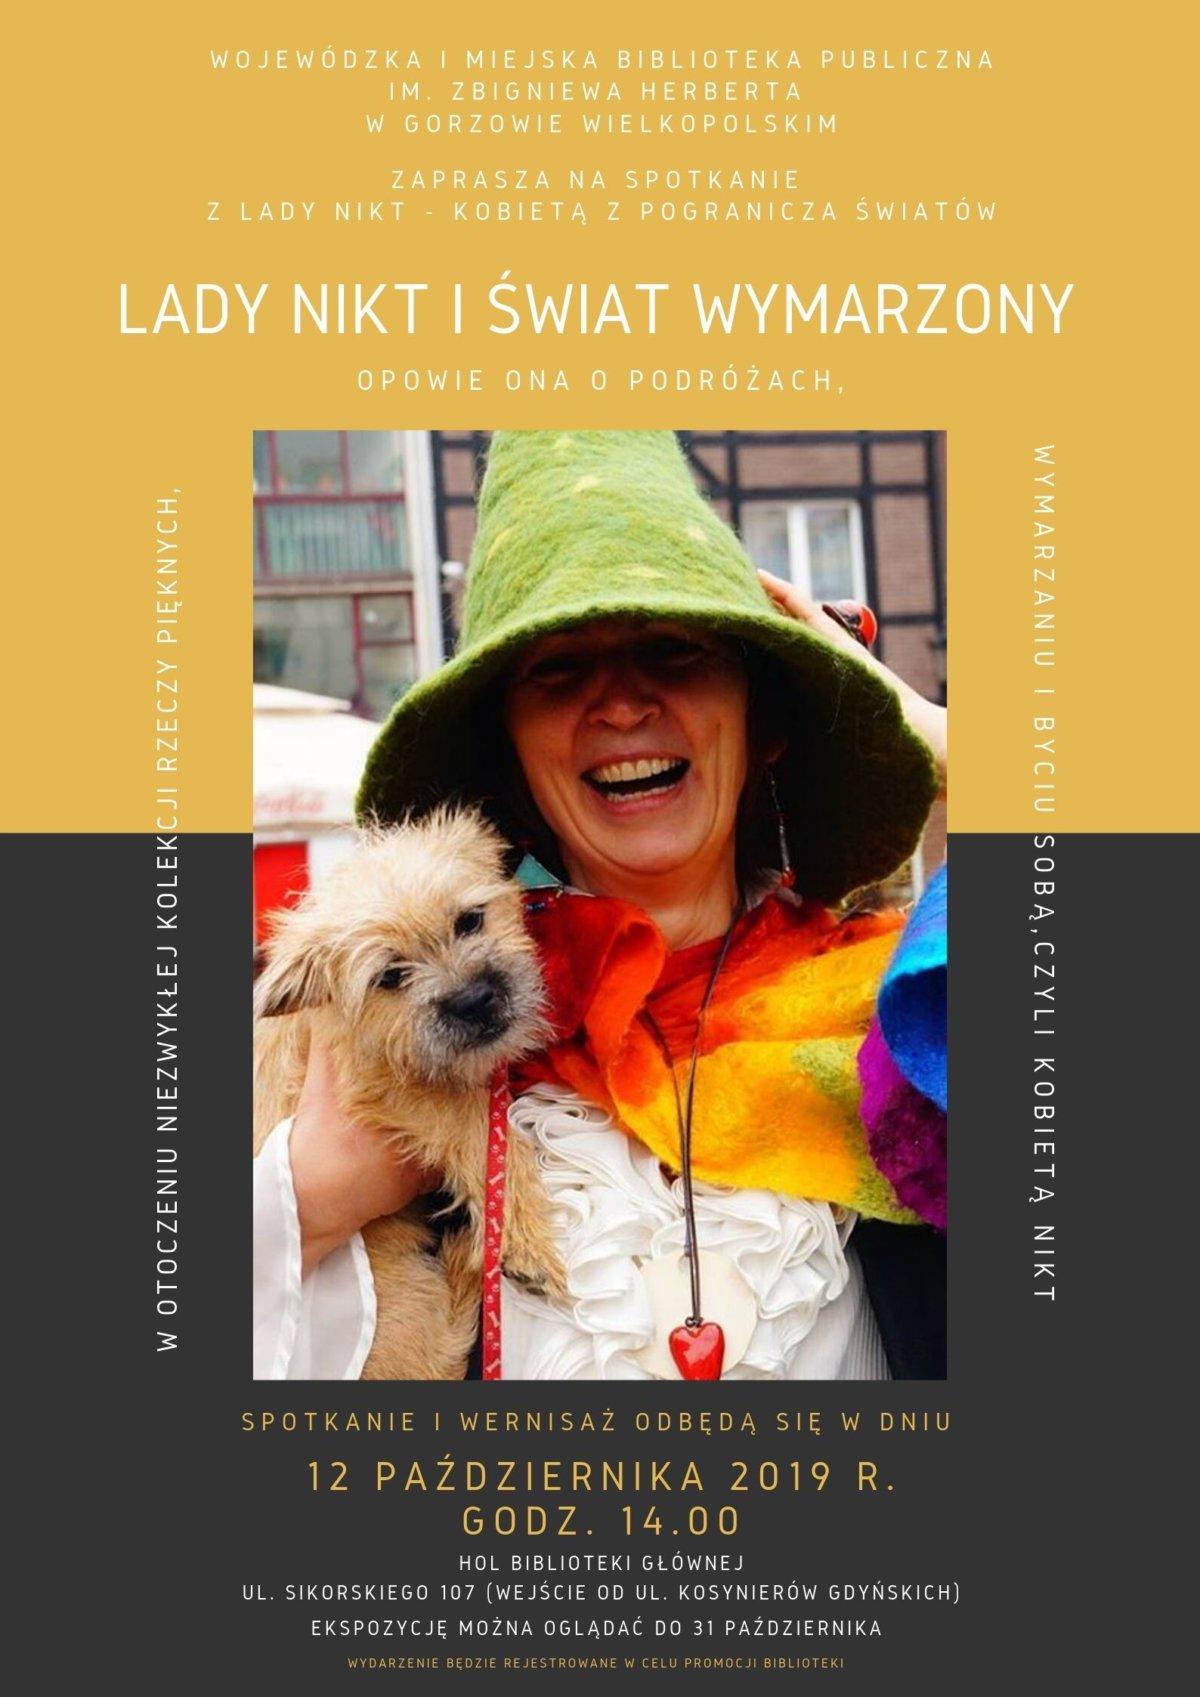 12 października 2019 r. o godzinie 14:00 zapraszamy na spotkanie i otwarcie wystawy Lady Nikt. Ekspozycję oglądać będzie można do 31 października 2019.